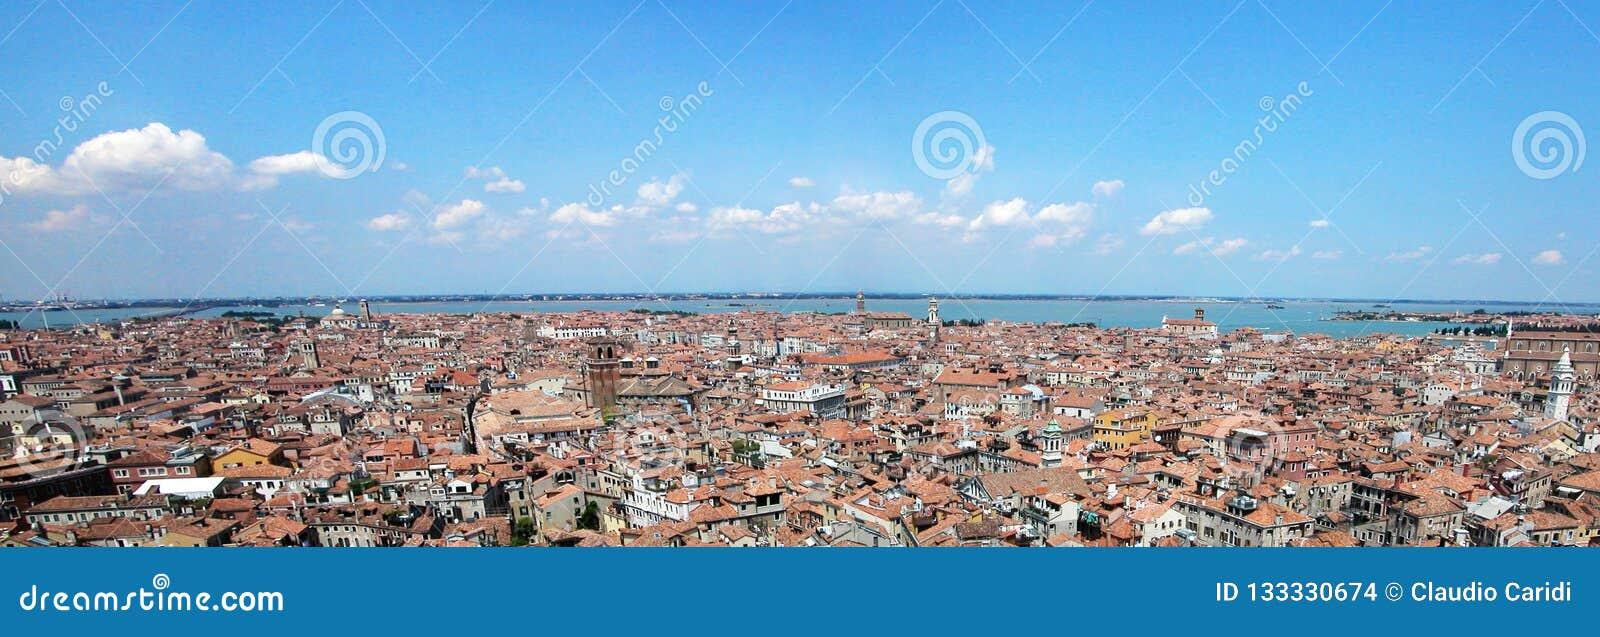 Взгляд панорамы Венеции